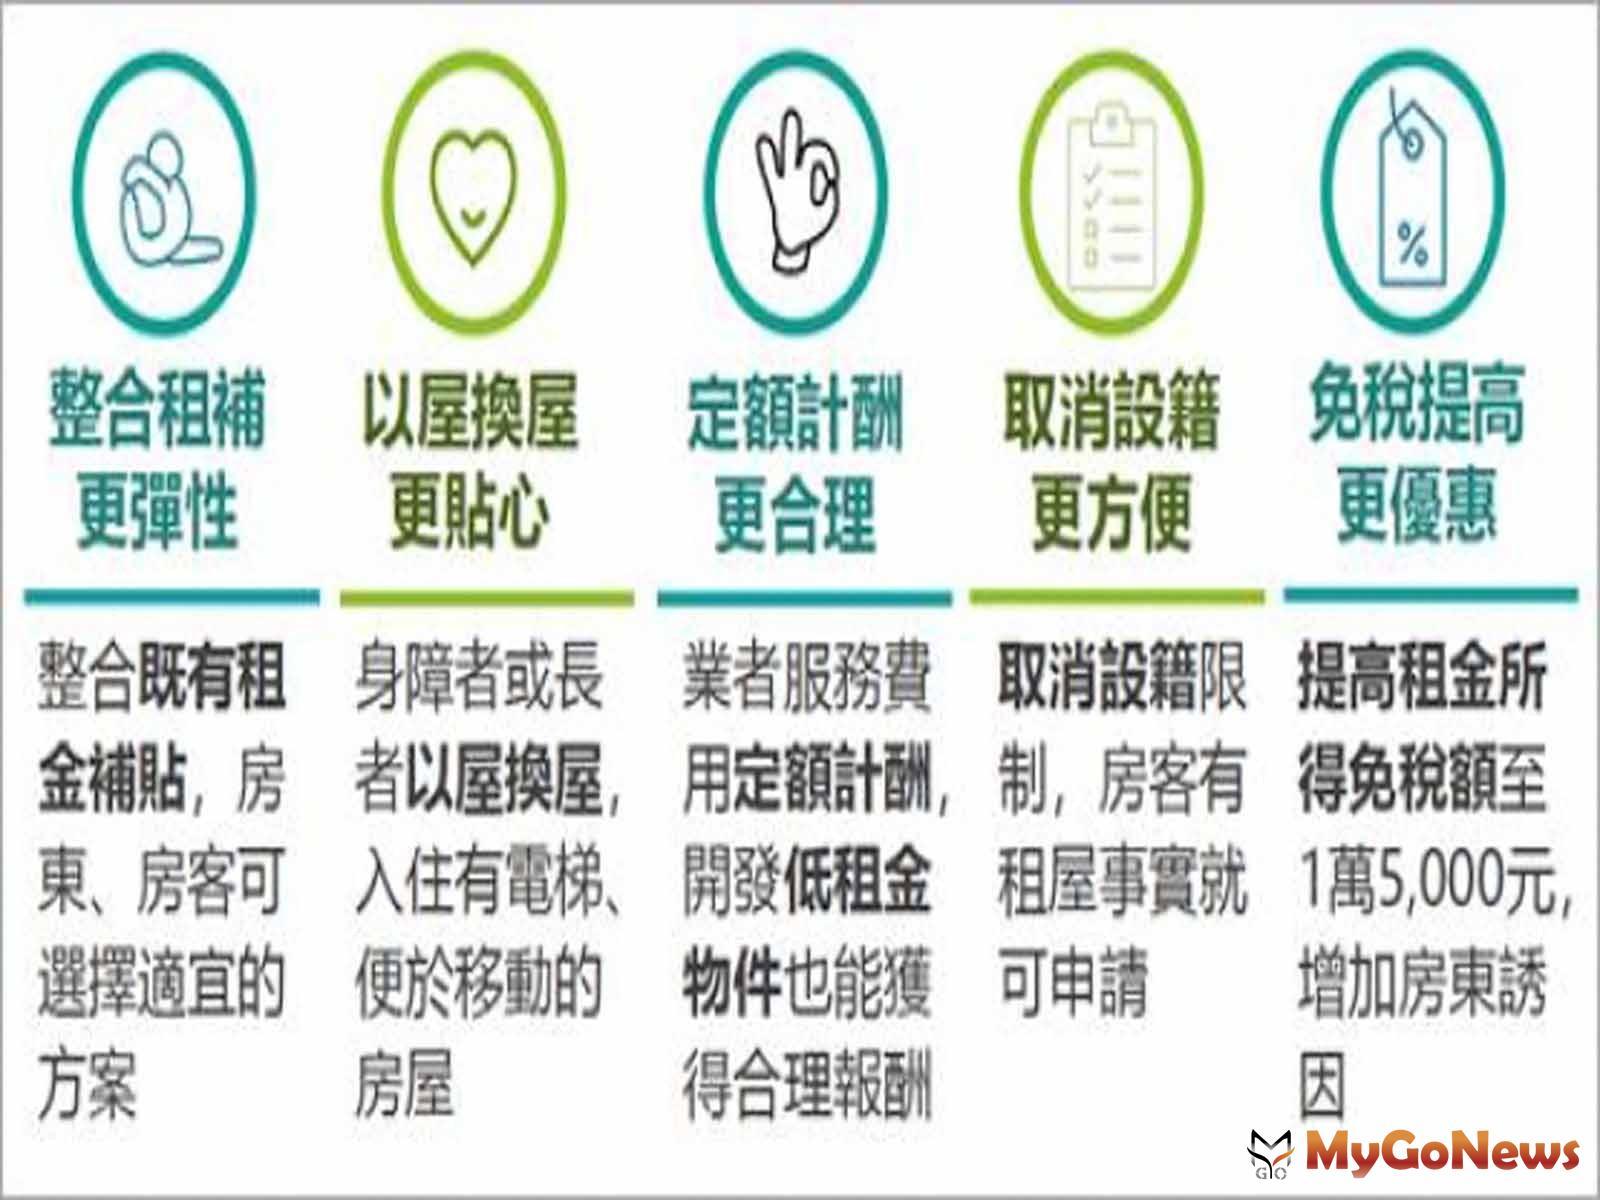 包租代管3.0大躍進,整合租金補貼、提升租賃服務品質(圖/營建署) MyGoNews房地產新聞 市場快訊